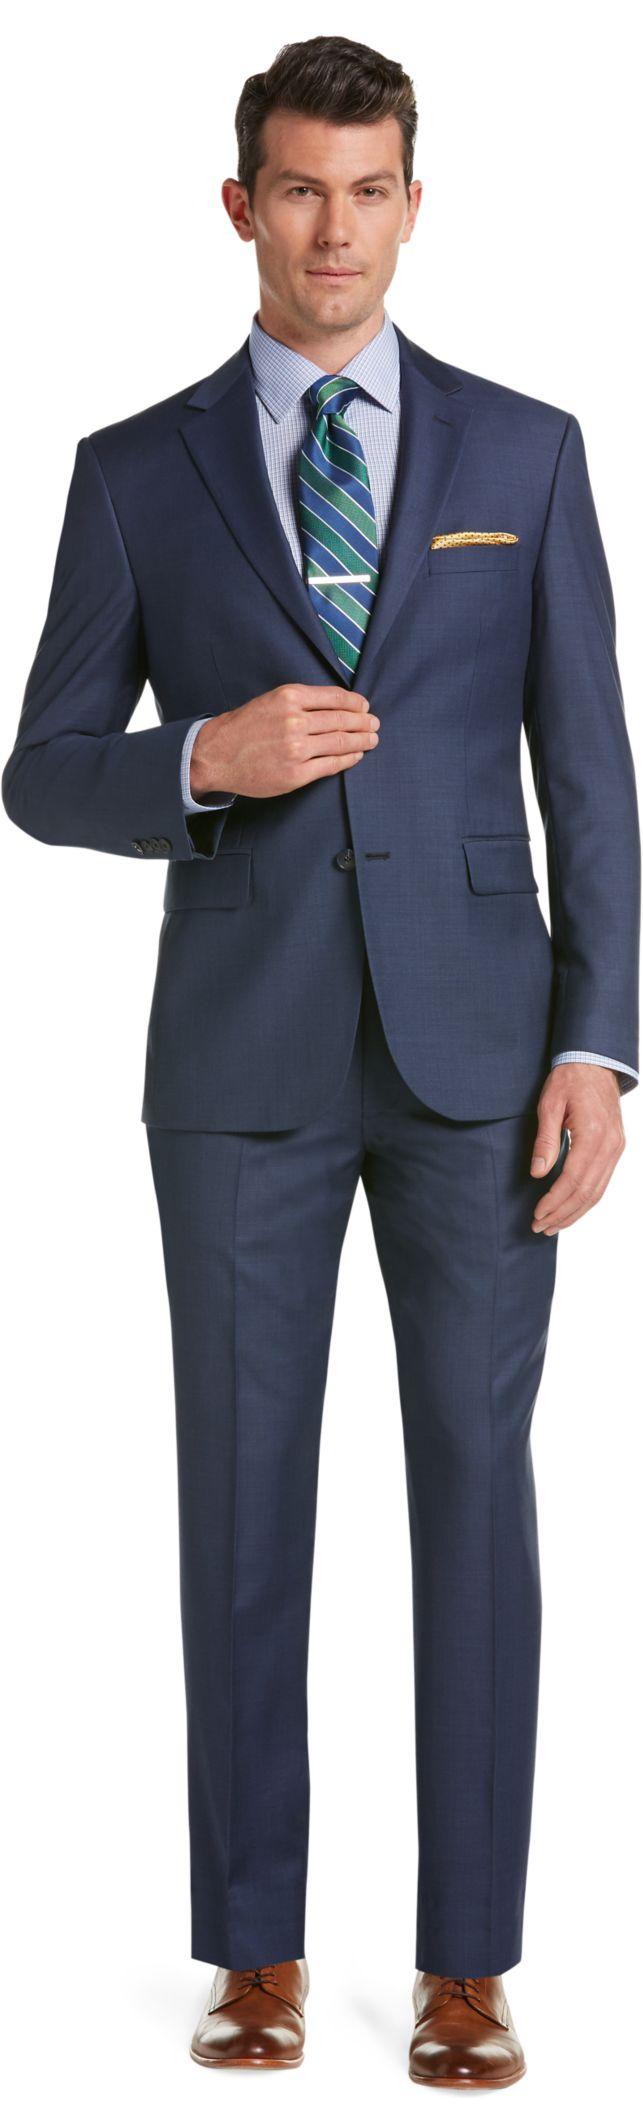 Brown Sharkskin Suit Suit La